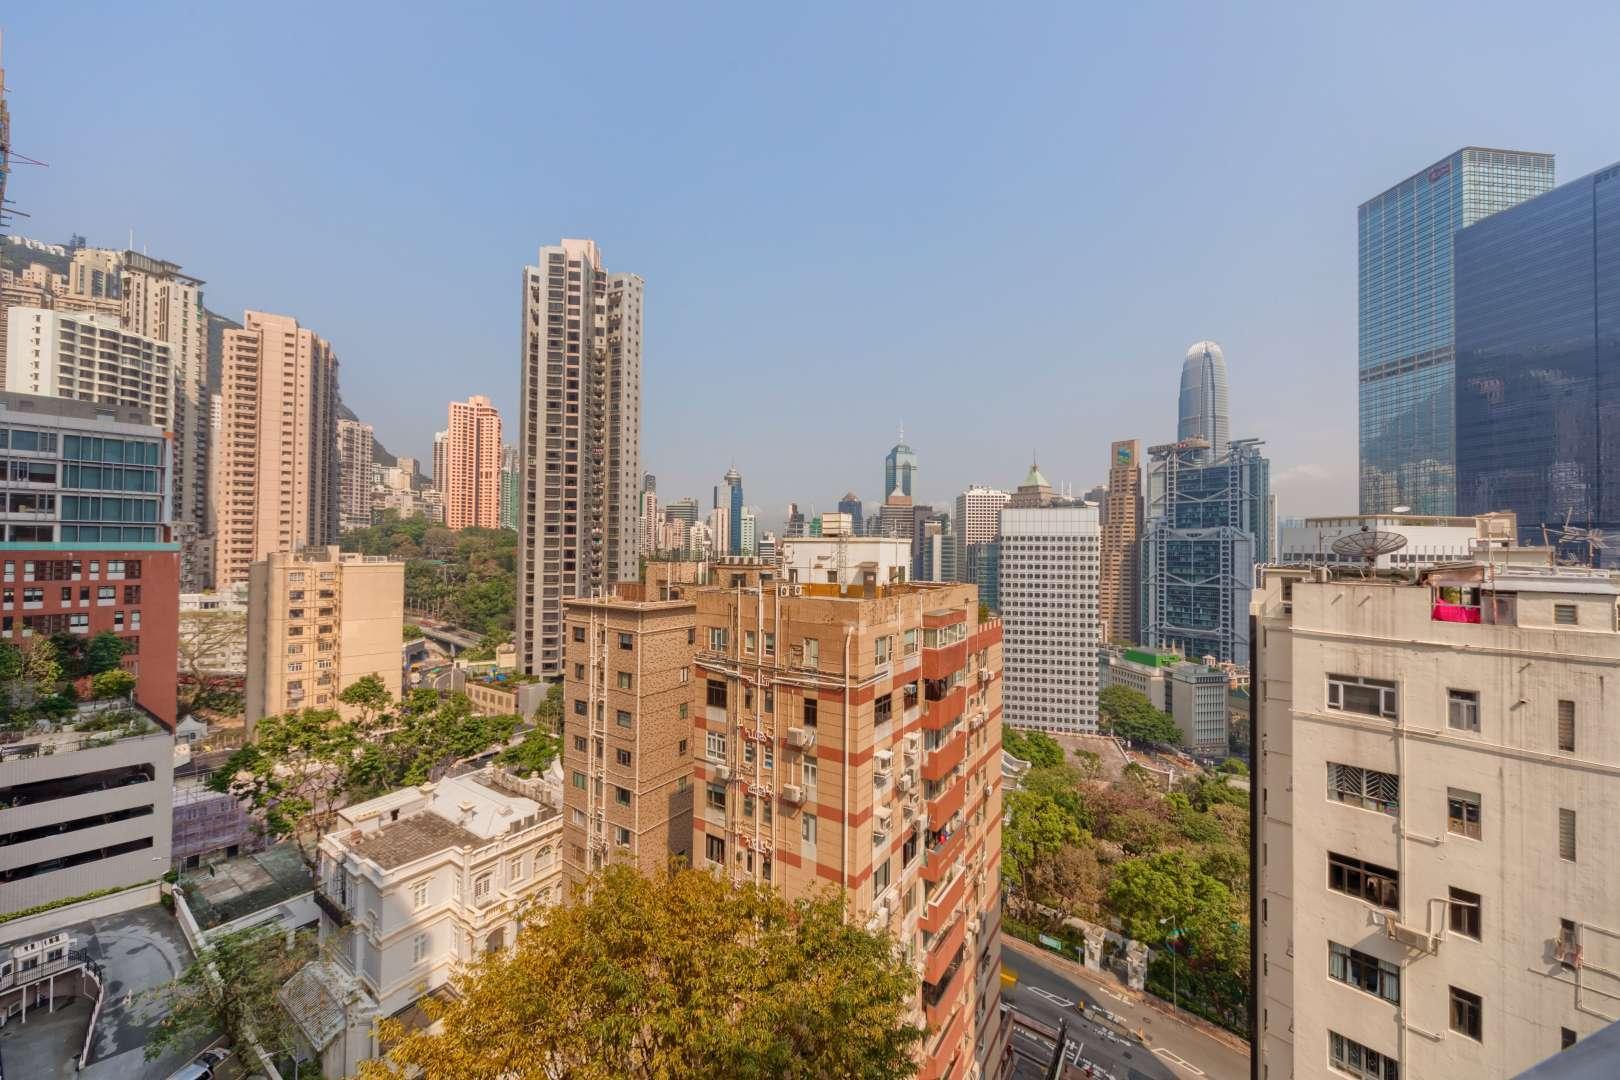 acheter appartement hong kong